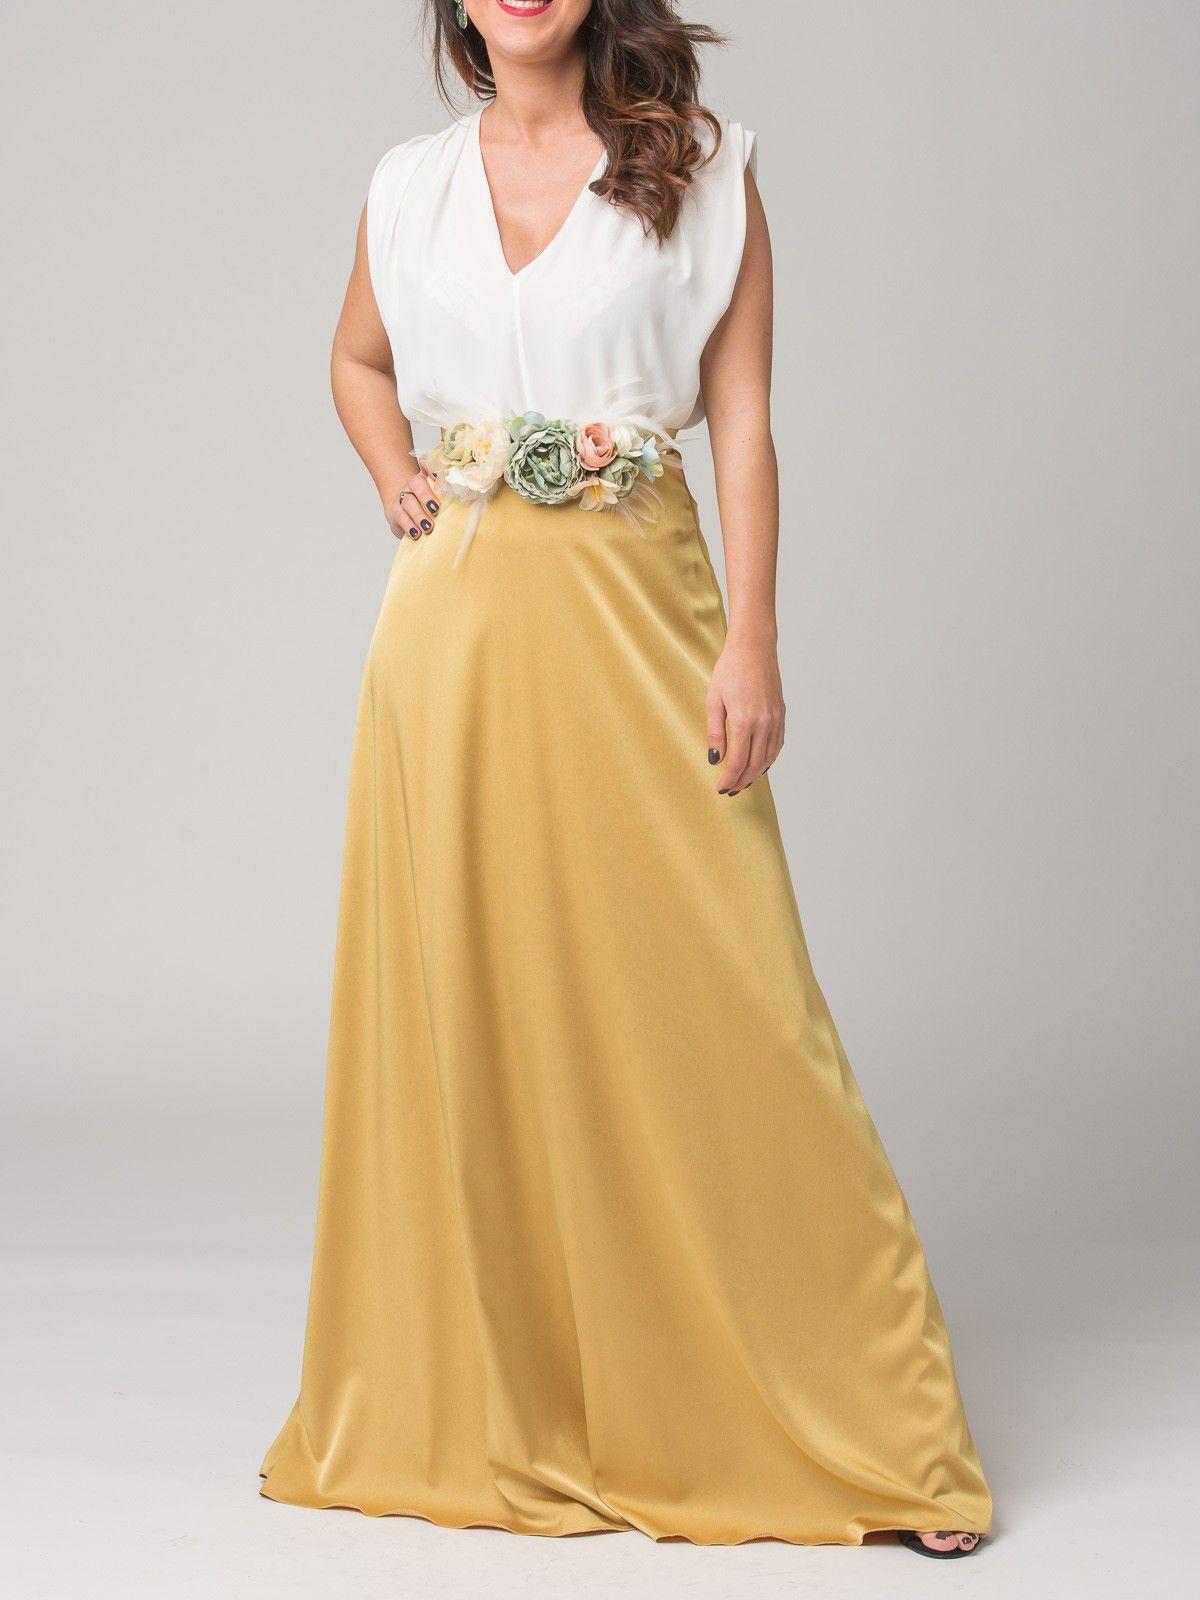 03af2b61ec Falda Balbina - Falda larga de raso en color mostaza. Cierre con cremallera  invisible trasera